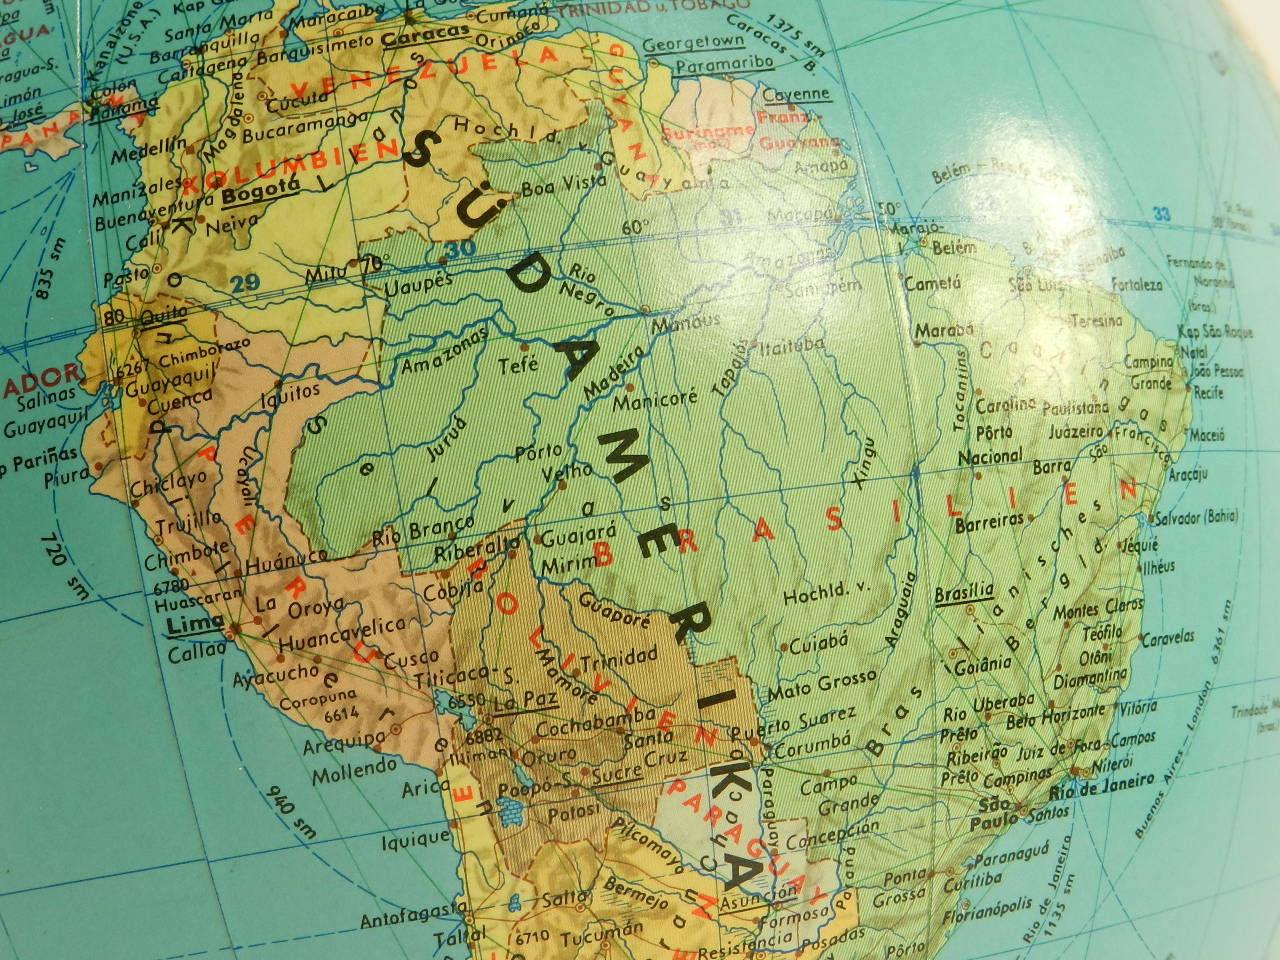 Imagen GLOBO TERRÁQUEO AÑO 1960 CON LUZ 23395